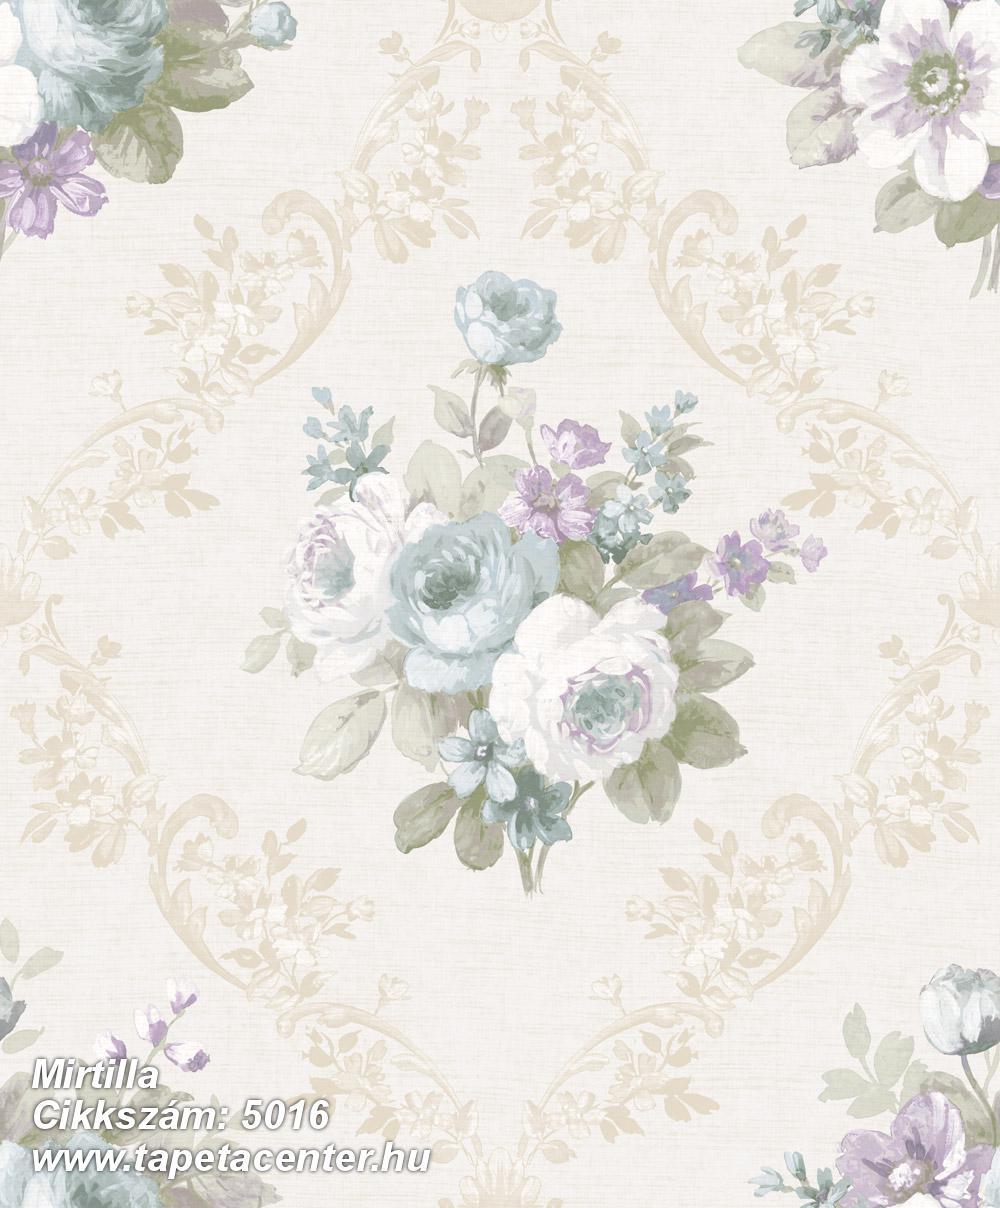 Barokk-klasszikus,virágmintás,bézs-drapp,fehér,kék,lila,zöld,súrolható,vlies tapéta